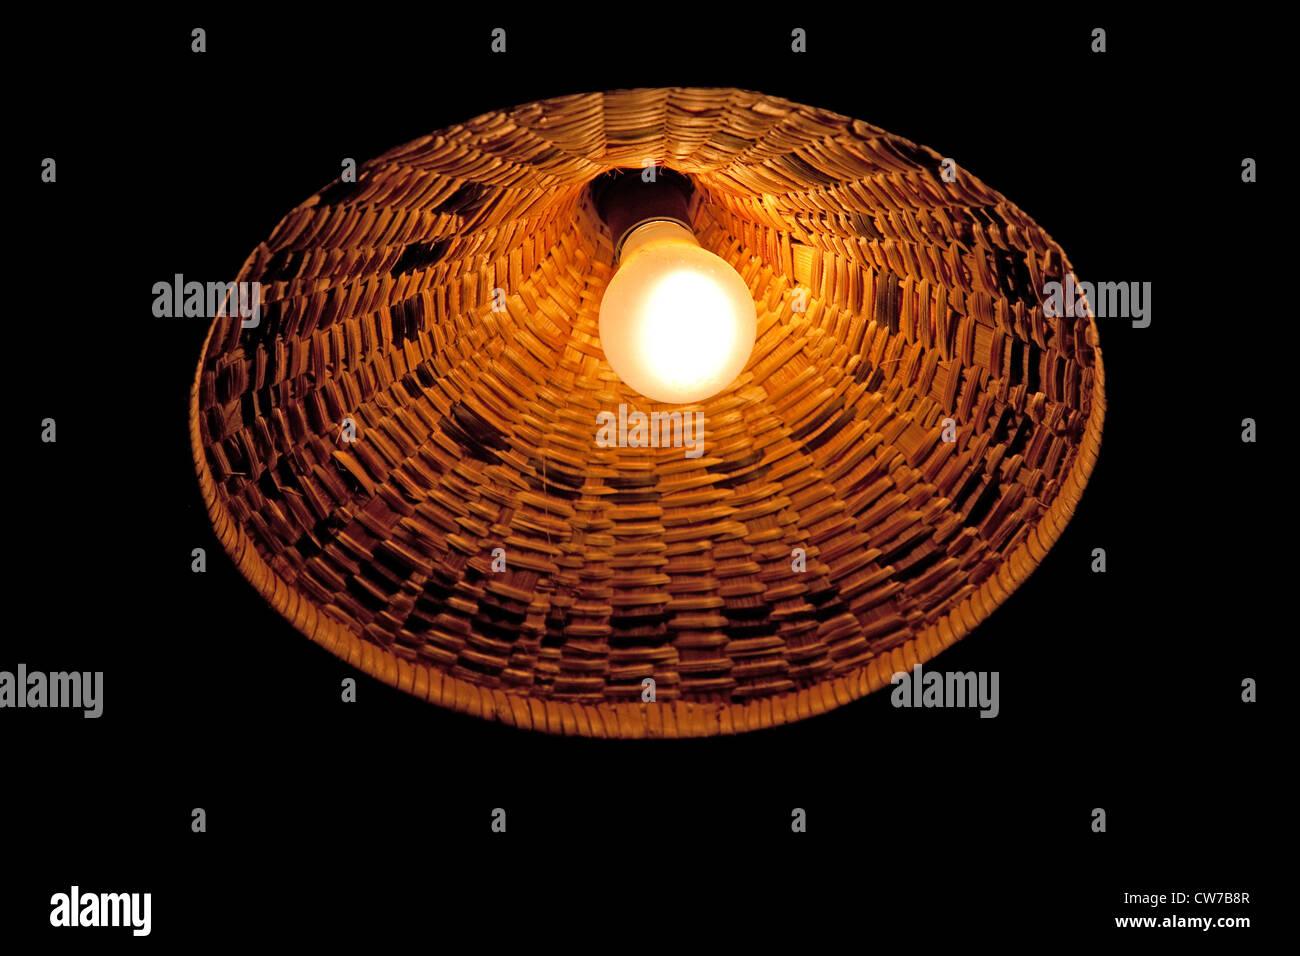 Lampadina della luce e ombra della lampada fatta di fibra di banana, Burundi Gitega Immagini Stock